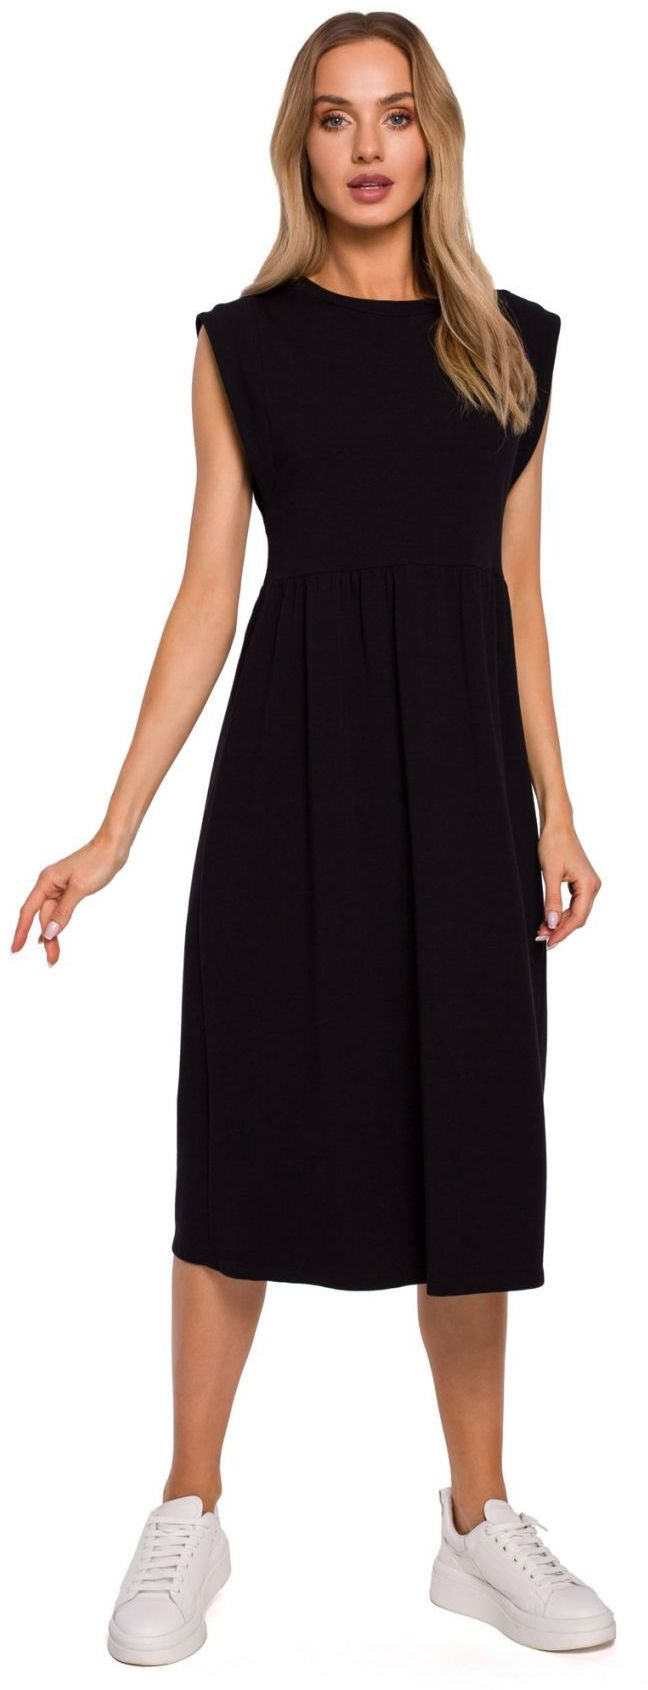 M581 Sukienka midi z ozdobnymi rękawami - czarna